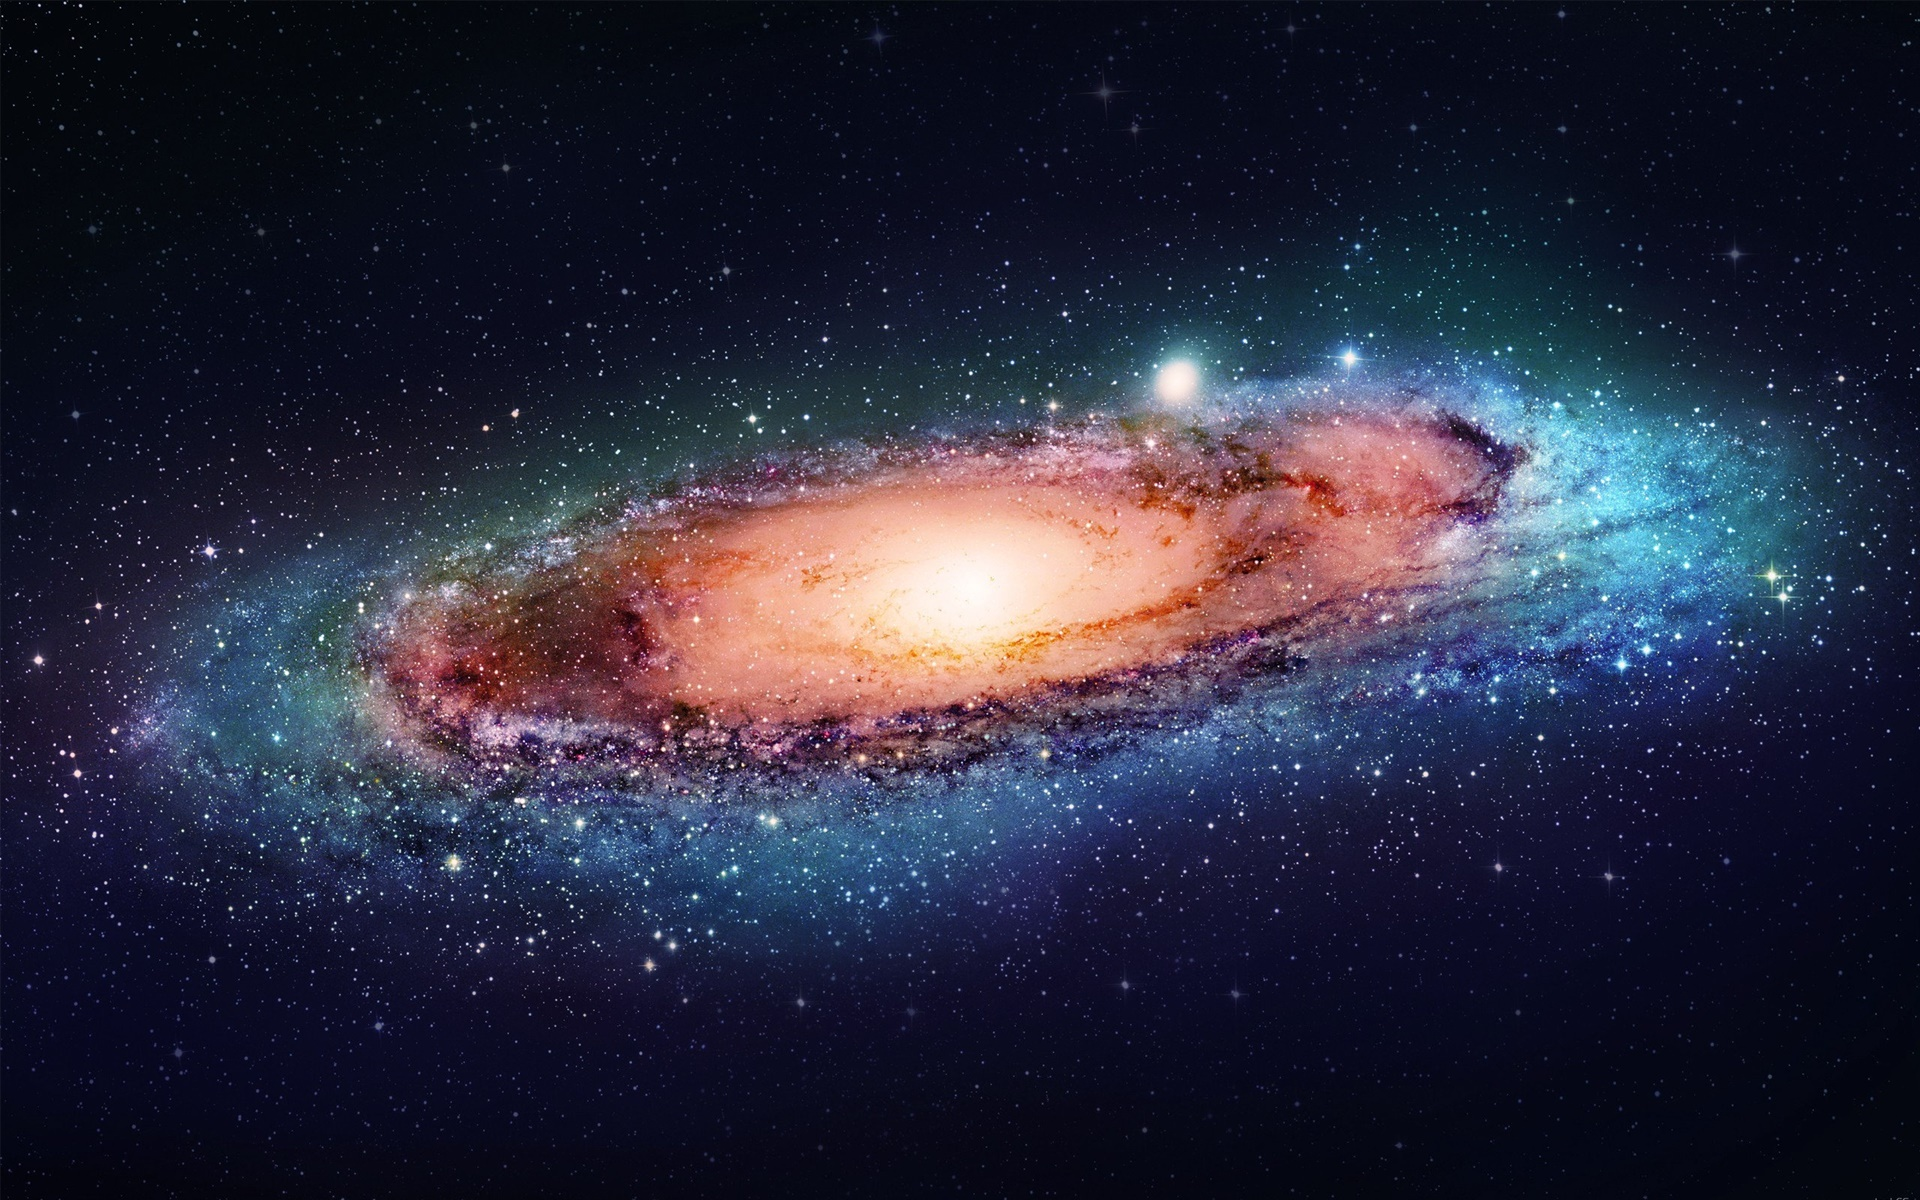 Và cả những người yêu thích ngắm nhìn vũ trụ nữa